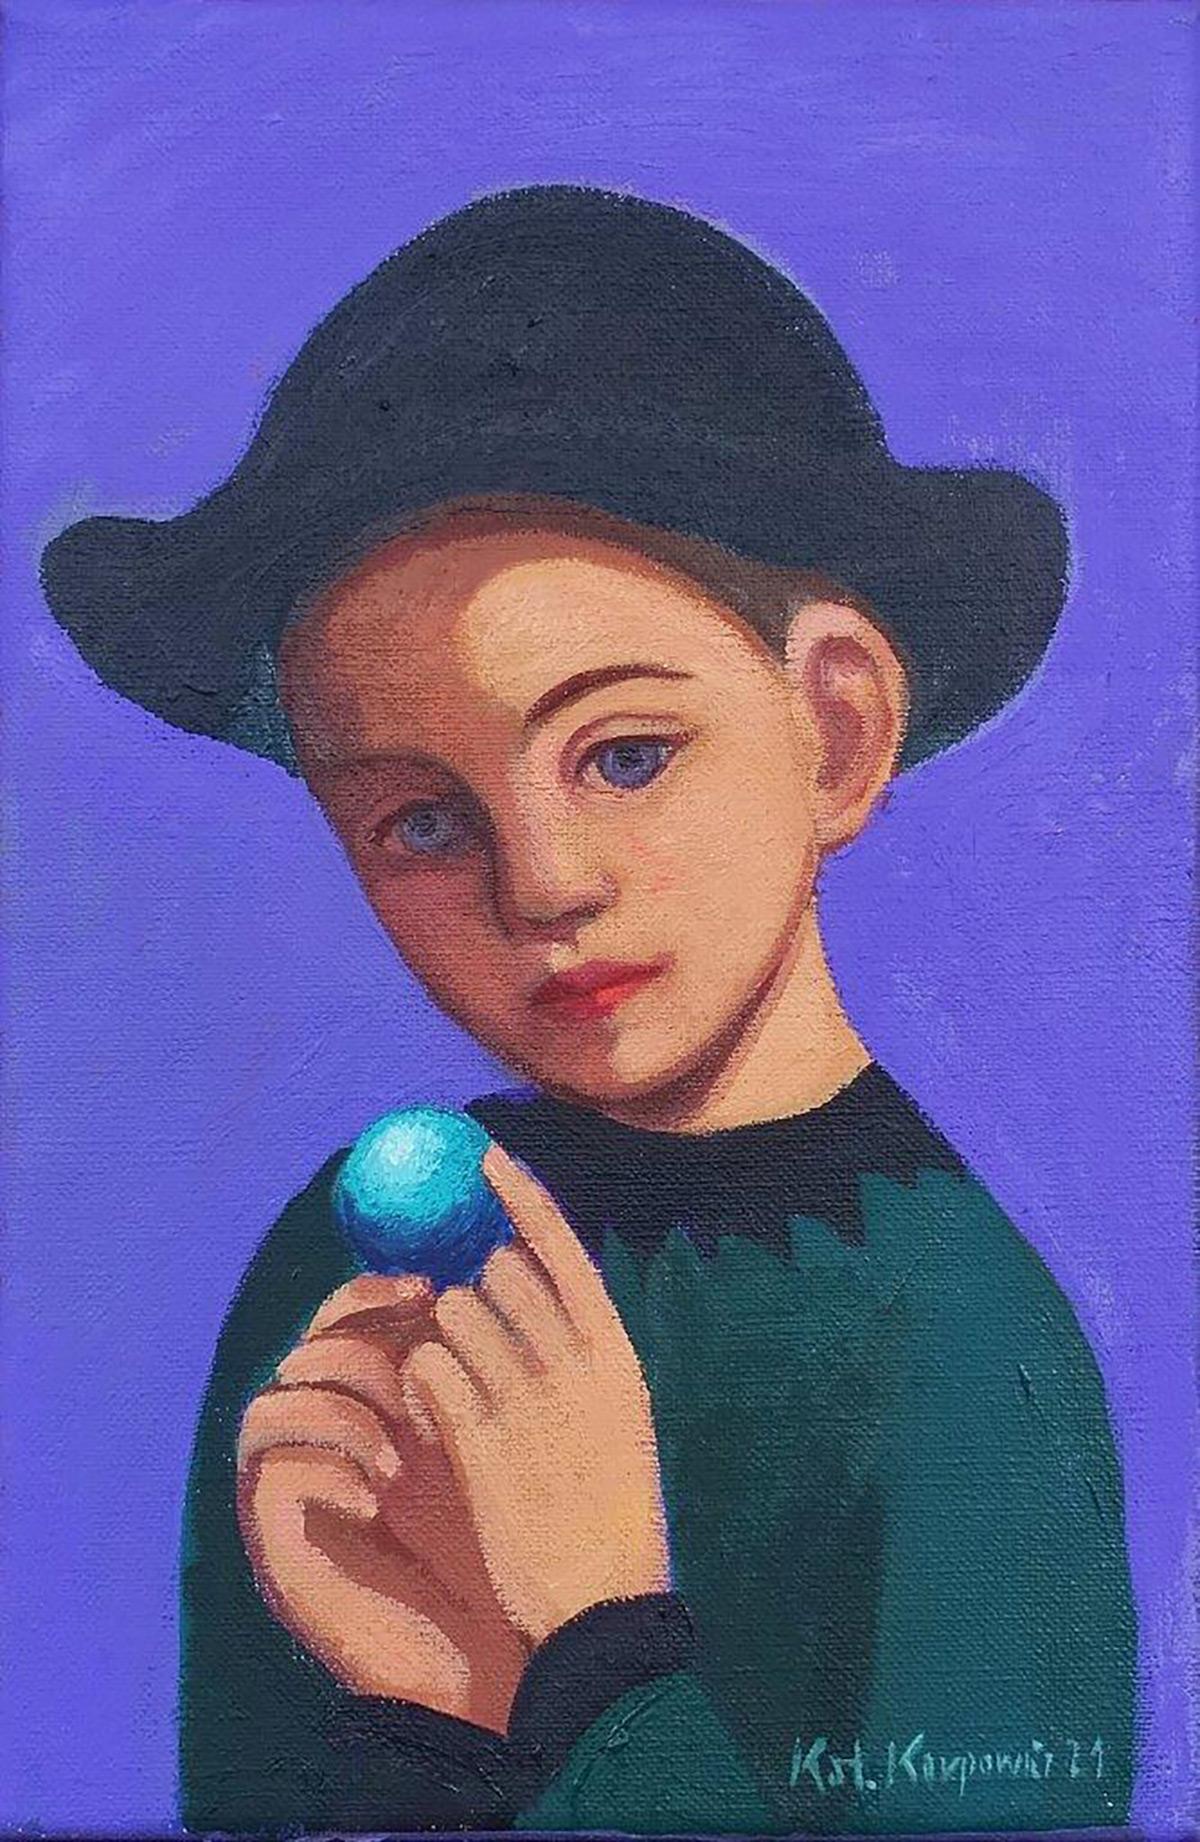 Katarzyna Karpowicz : Blue ball